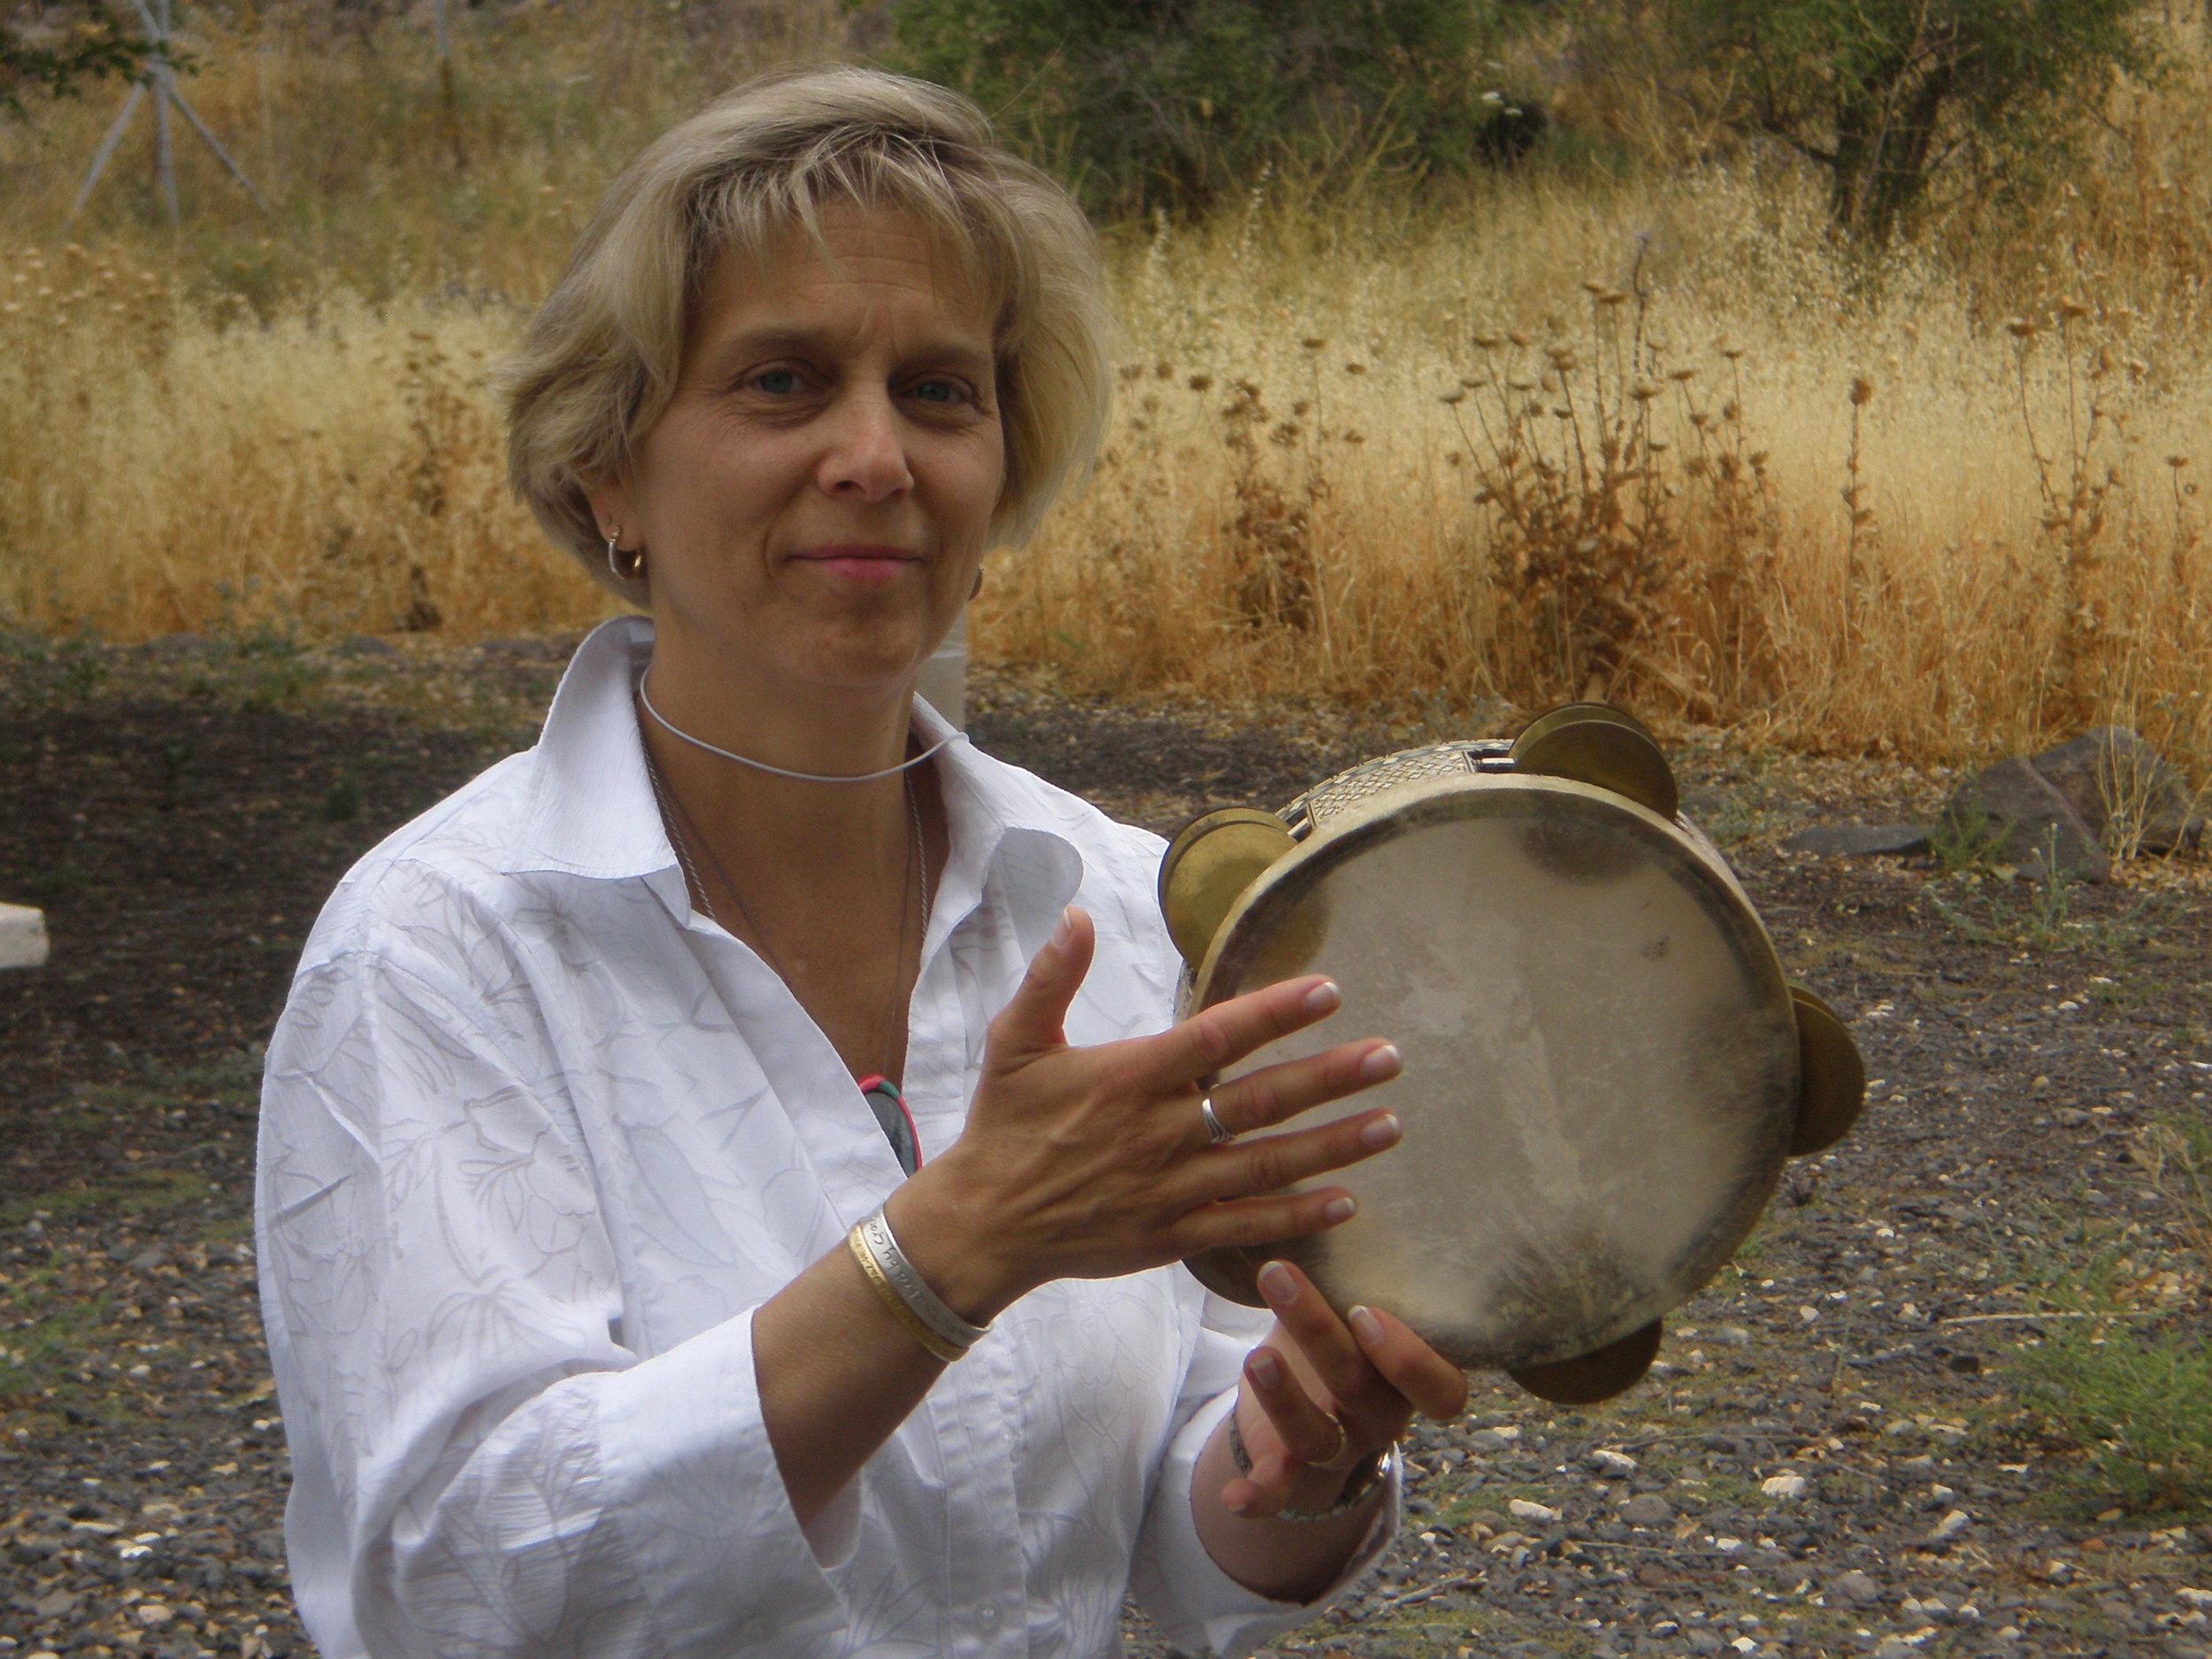 Deborah drumming in Israel